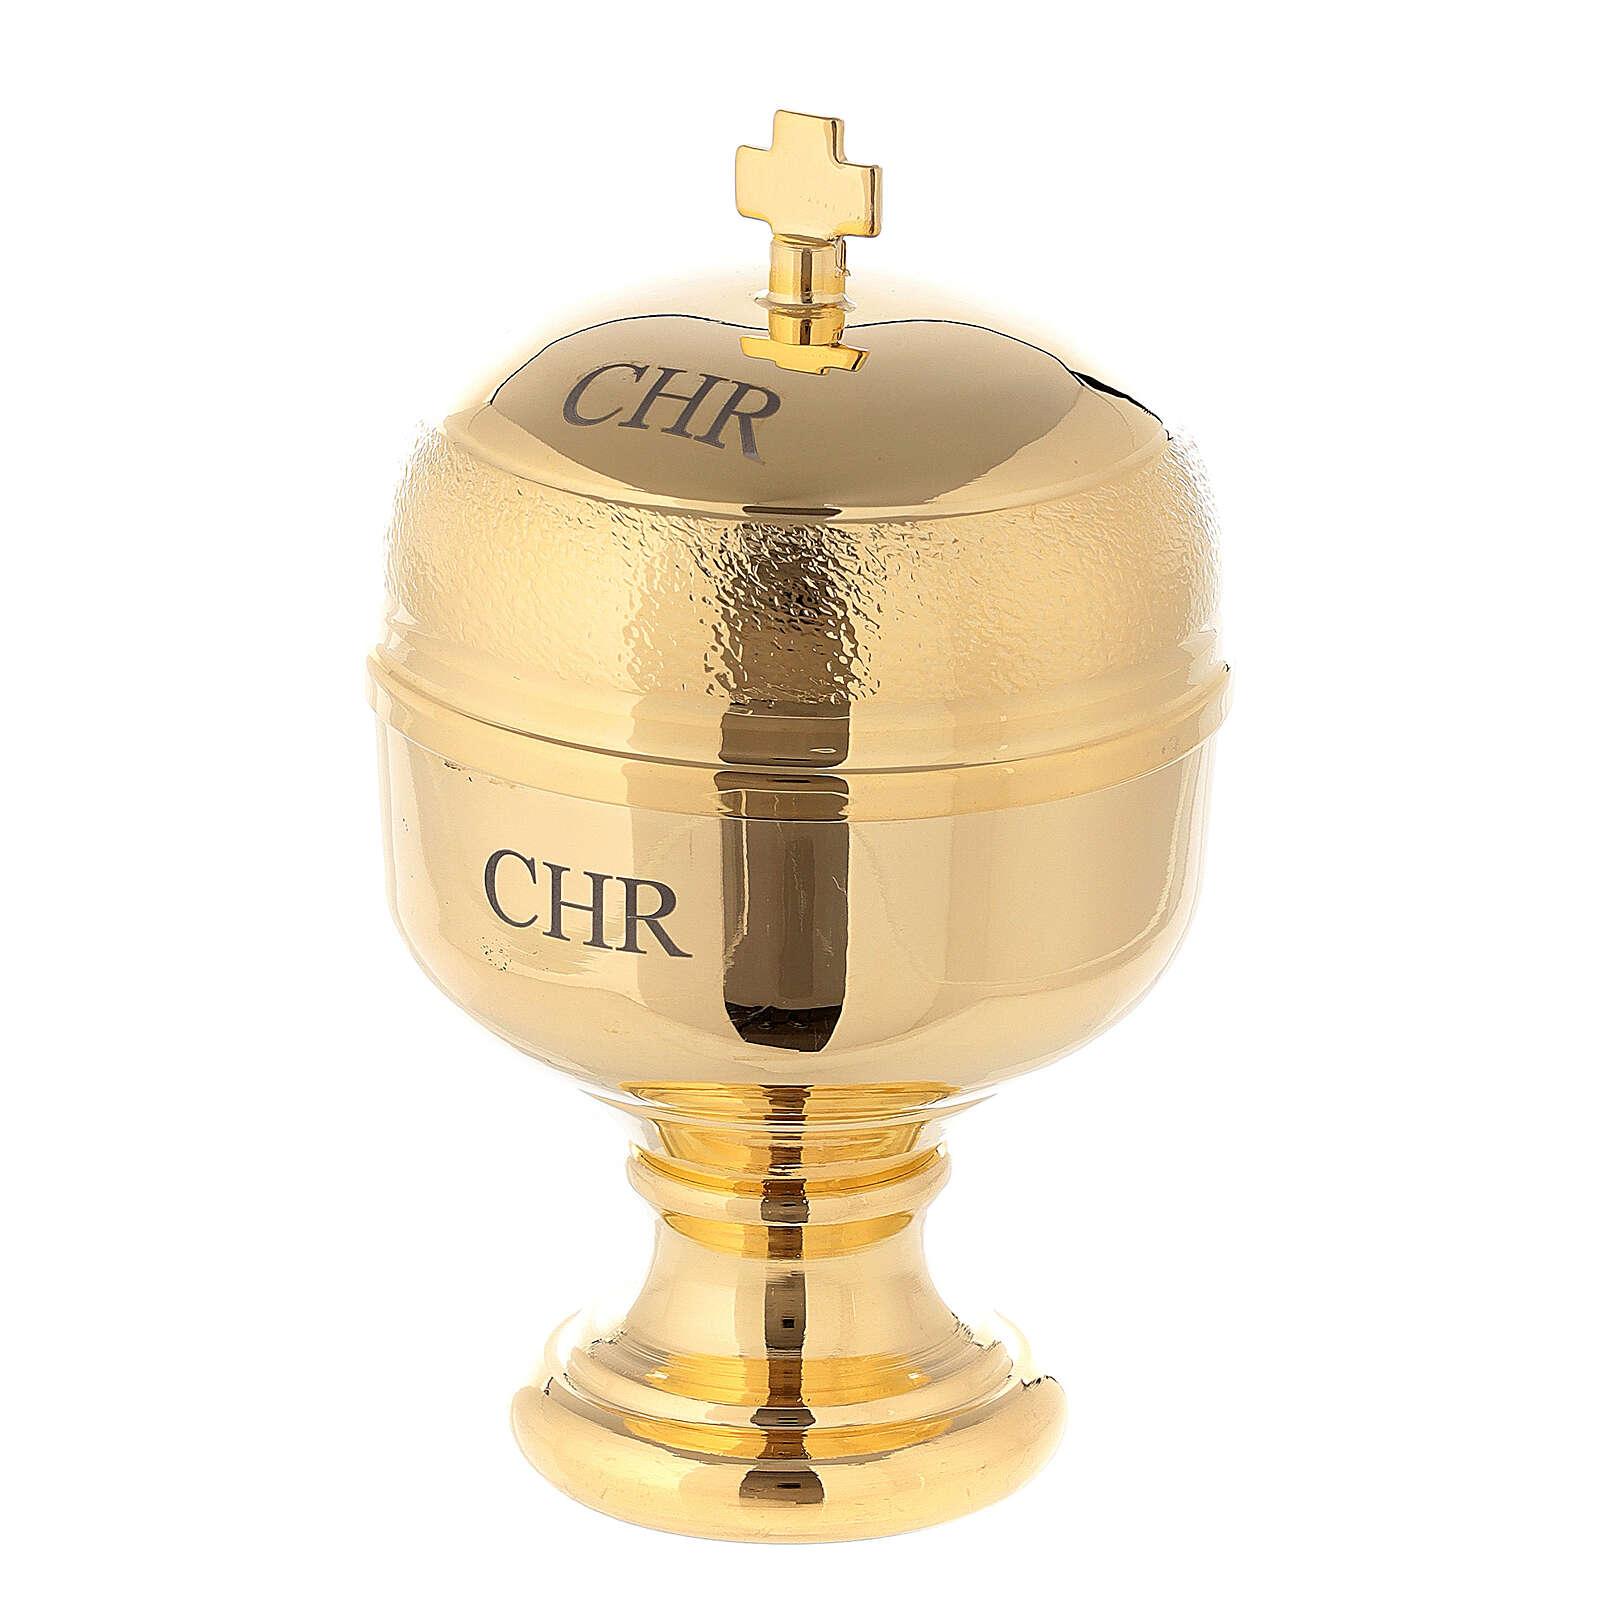 Kleines Gefäß fűr Heilige Őle CHR (Chrisma) 3